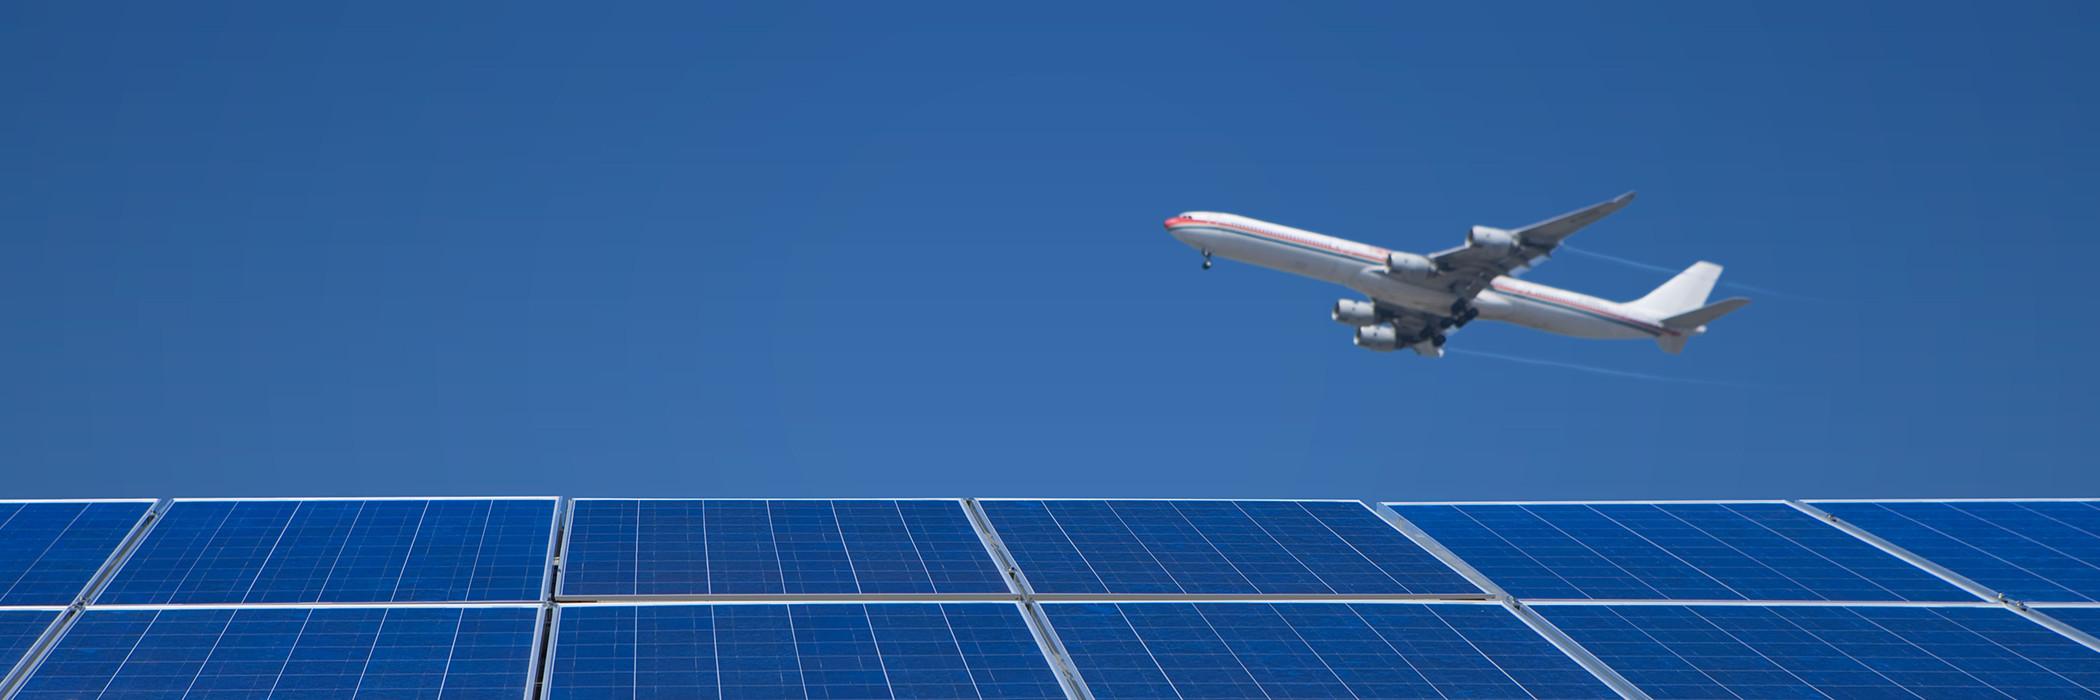 Jet flying over solar panels